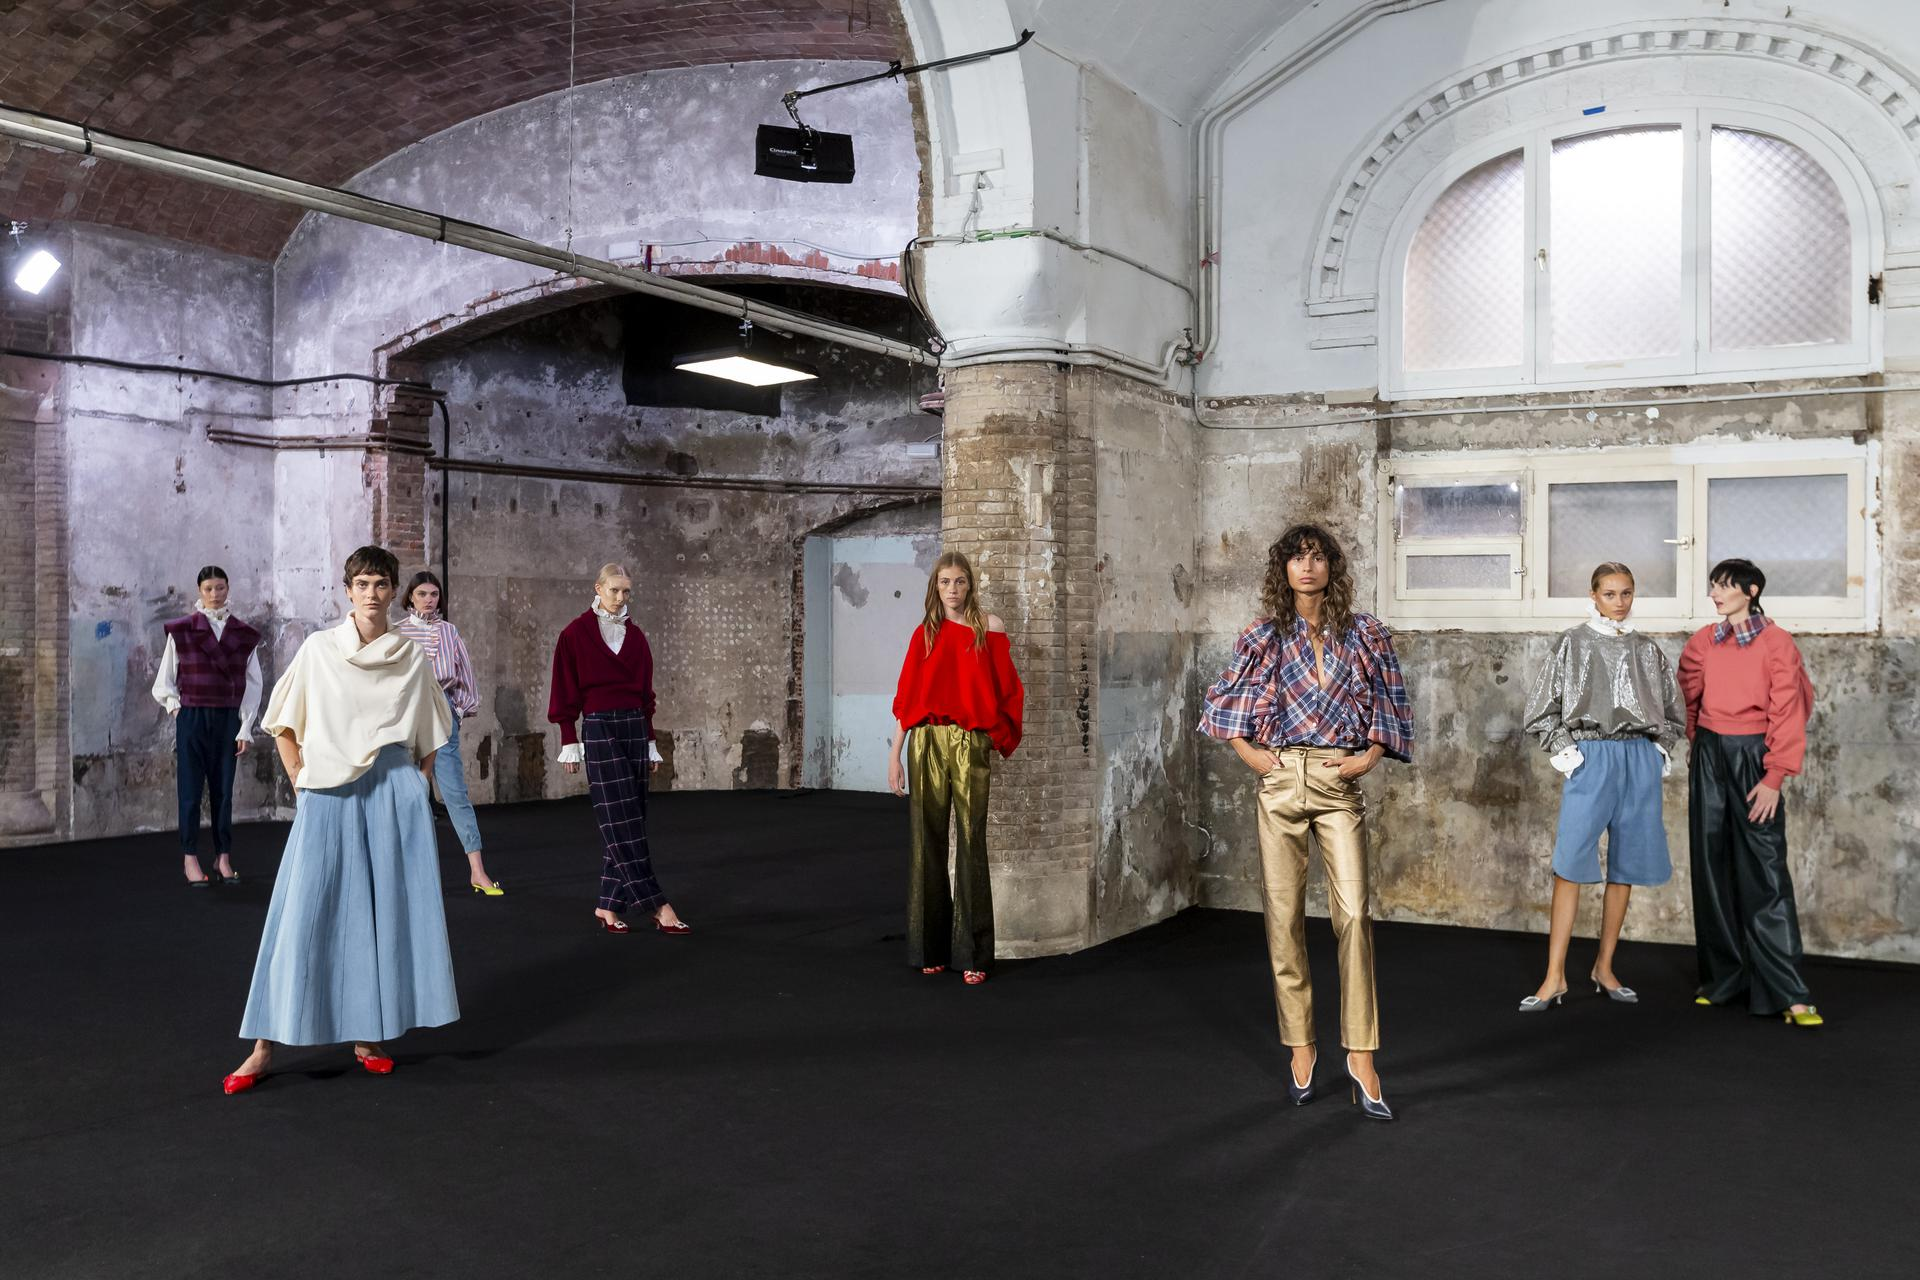 The%20Label%20Edition%20ambient 1006 - 080 Barcelona Fashion Digital Edition concluye con su cuarta sesión de los últimos Fashion Show Films